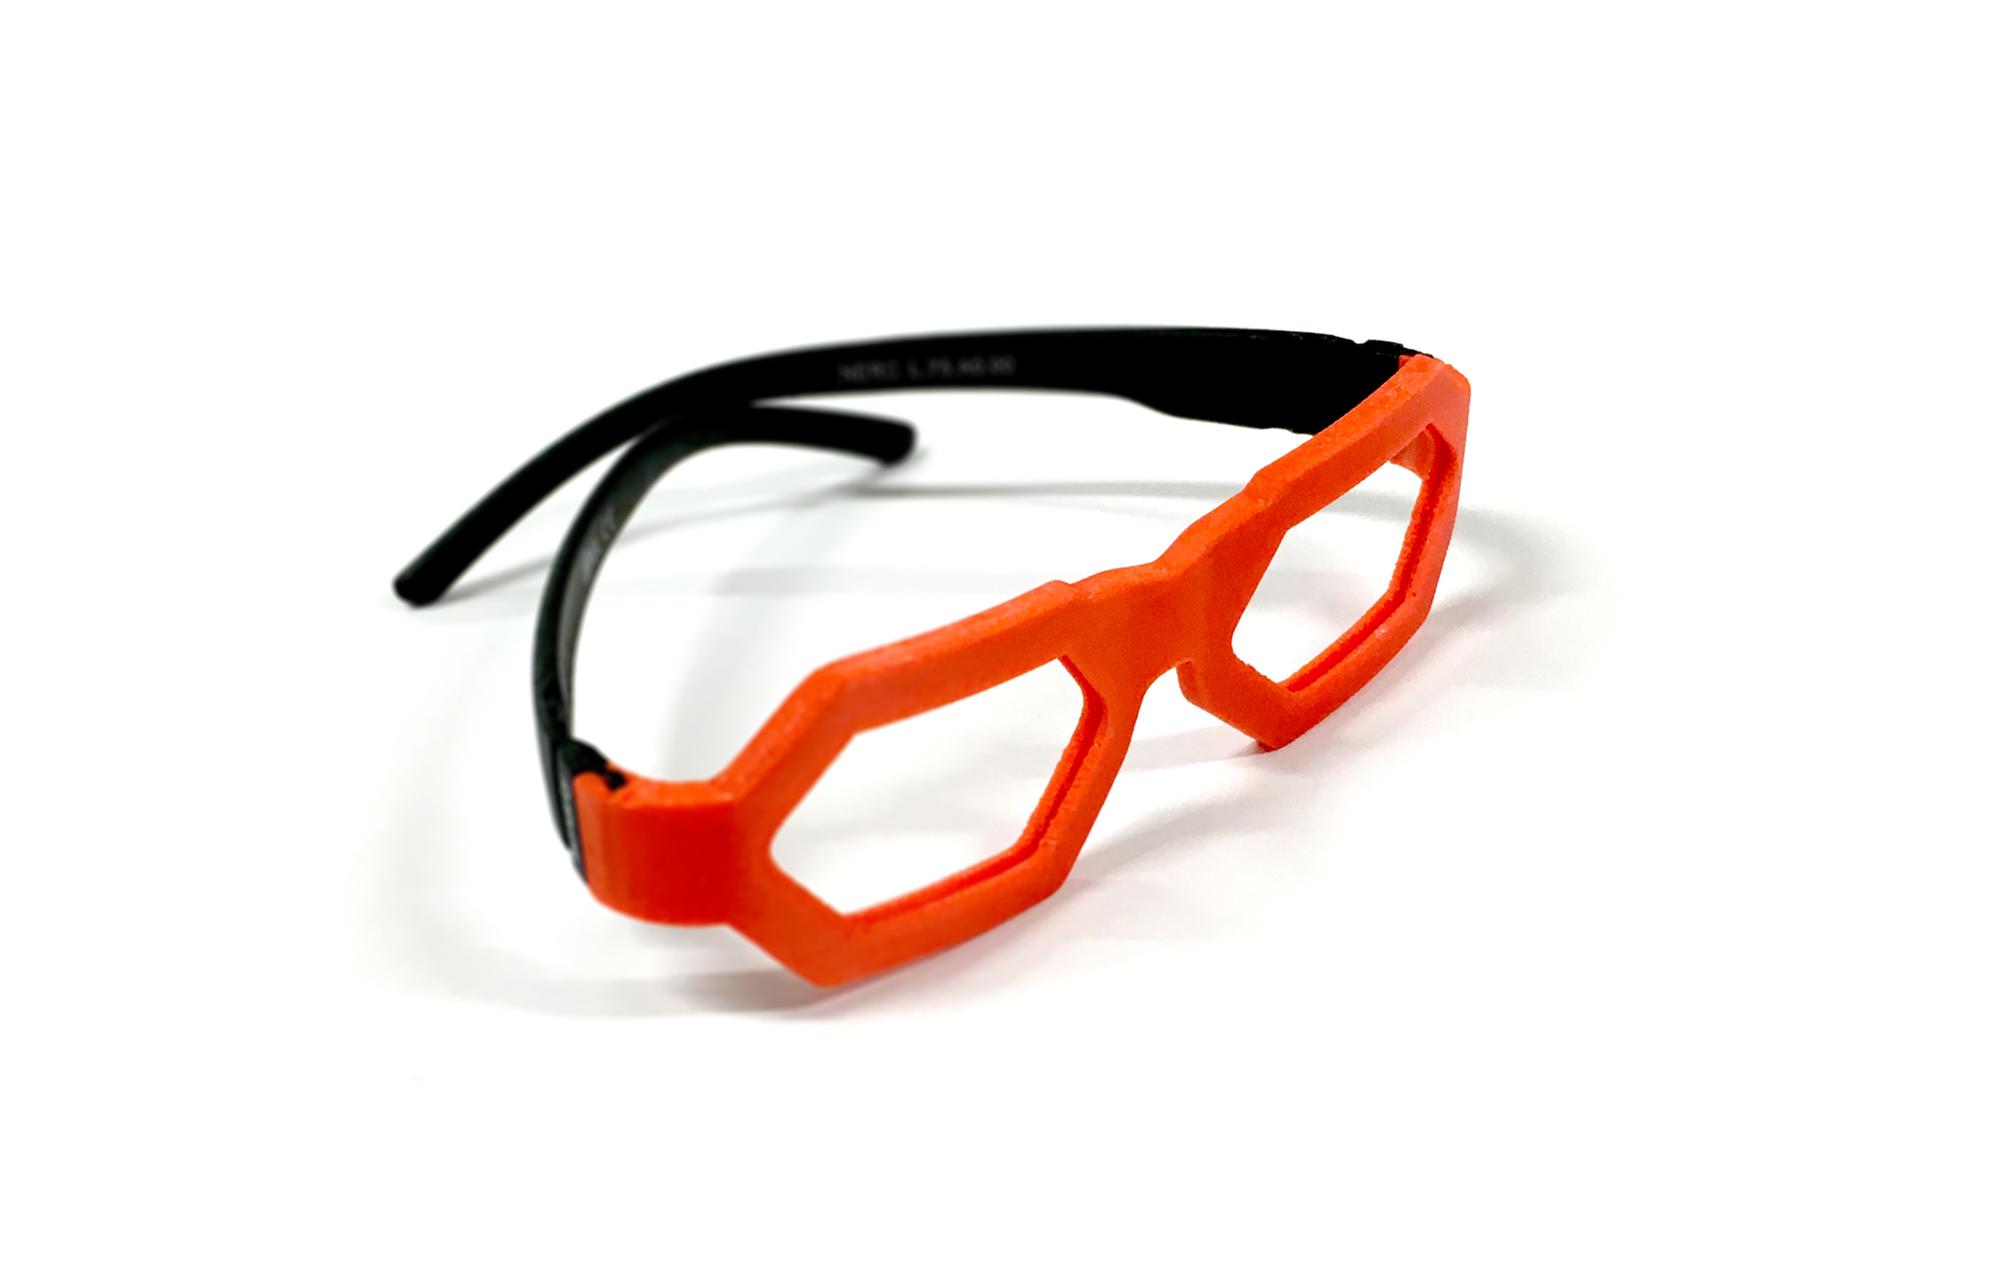 Anton Bulakh proponuje rozwiązanie, w którym oprawki okularów są współprojektowane przez dziecko, a następnie produkowane za pomocą drukarki 3D.